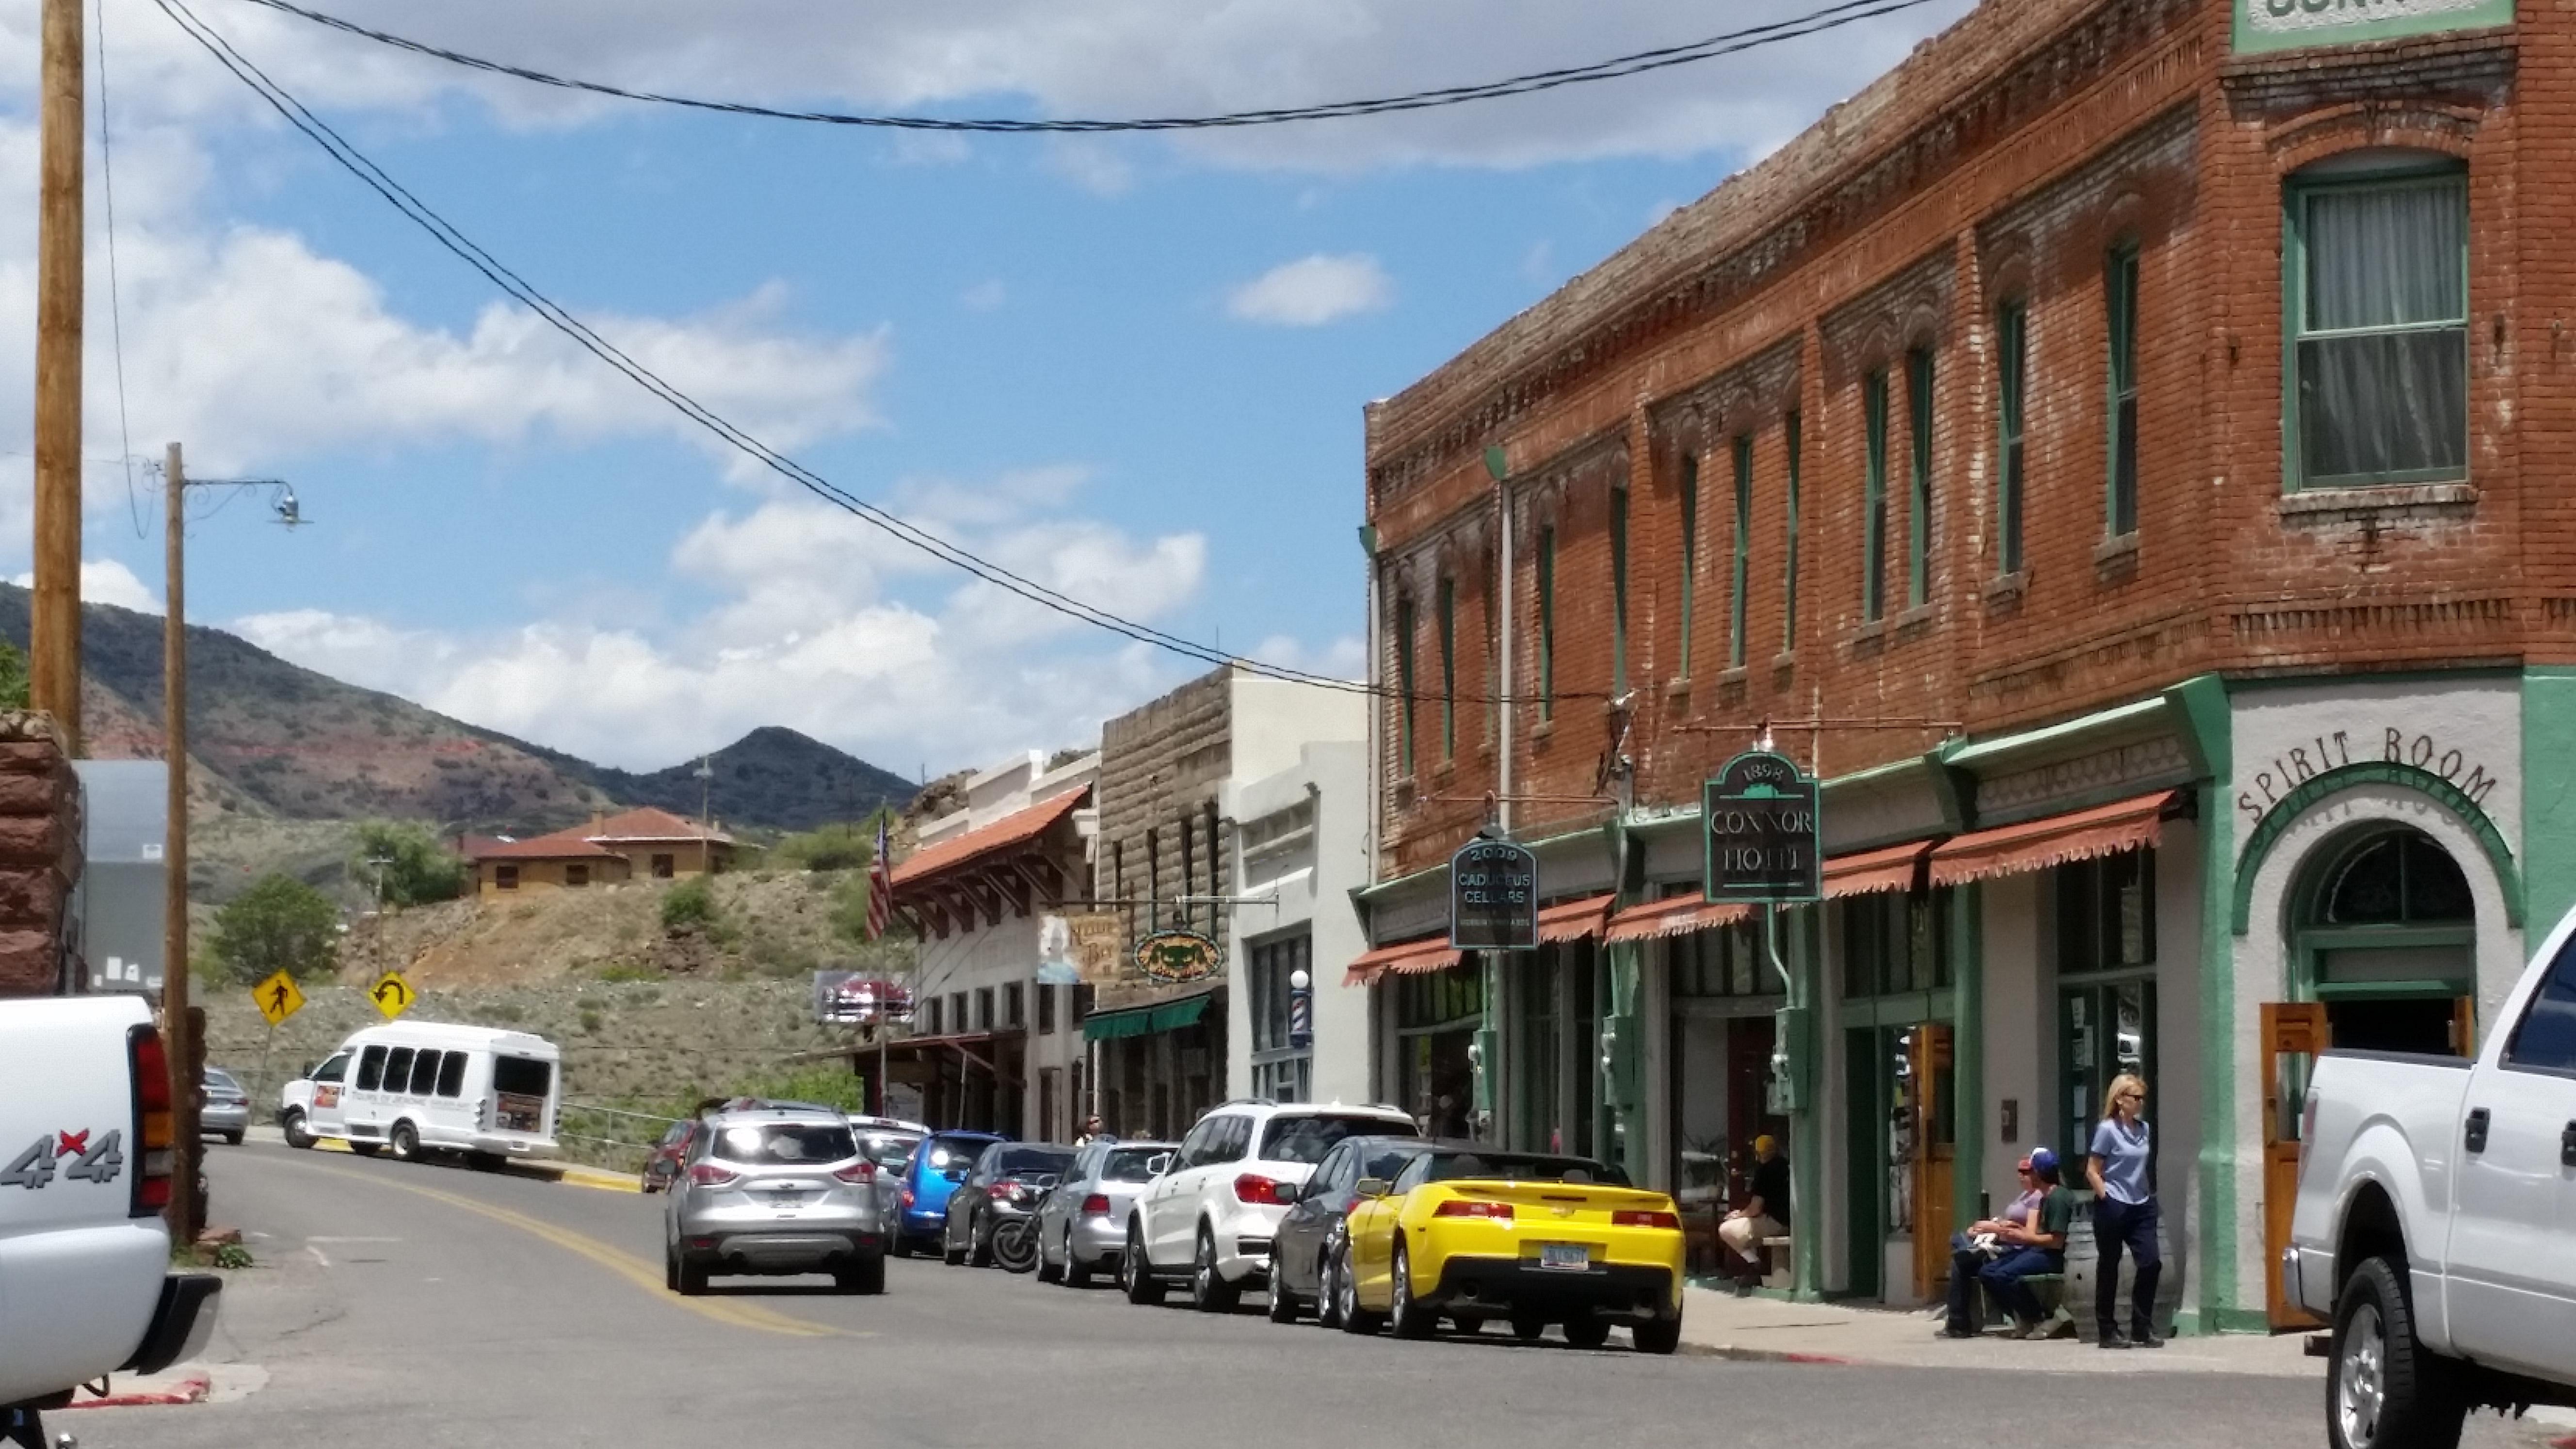 Main Street in Jerome